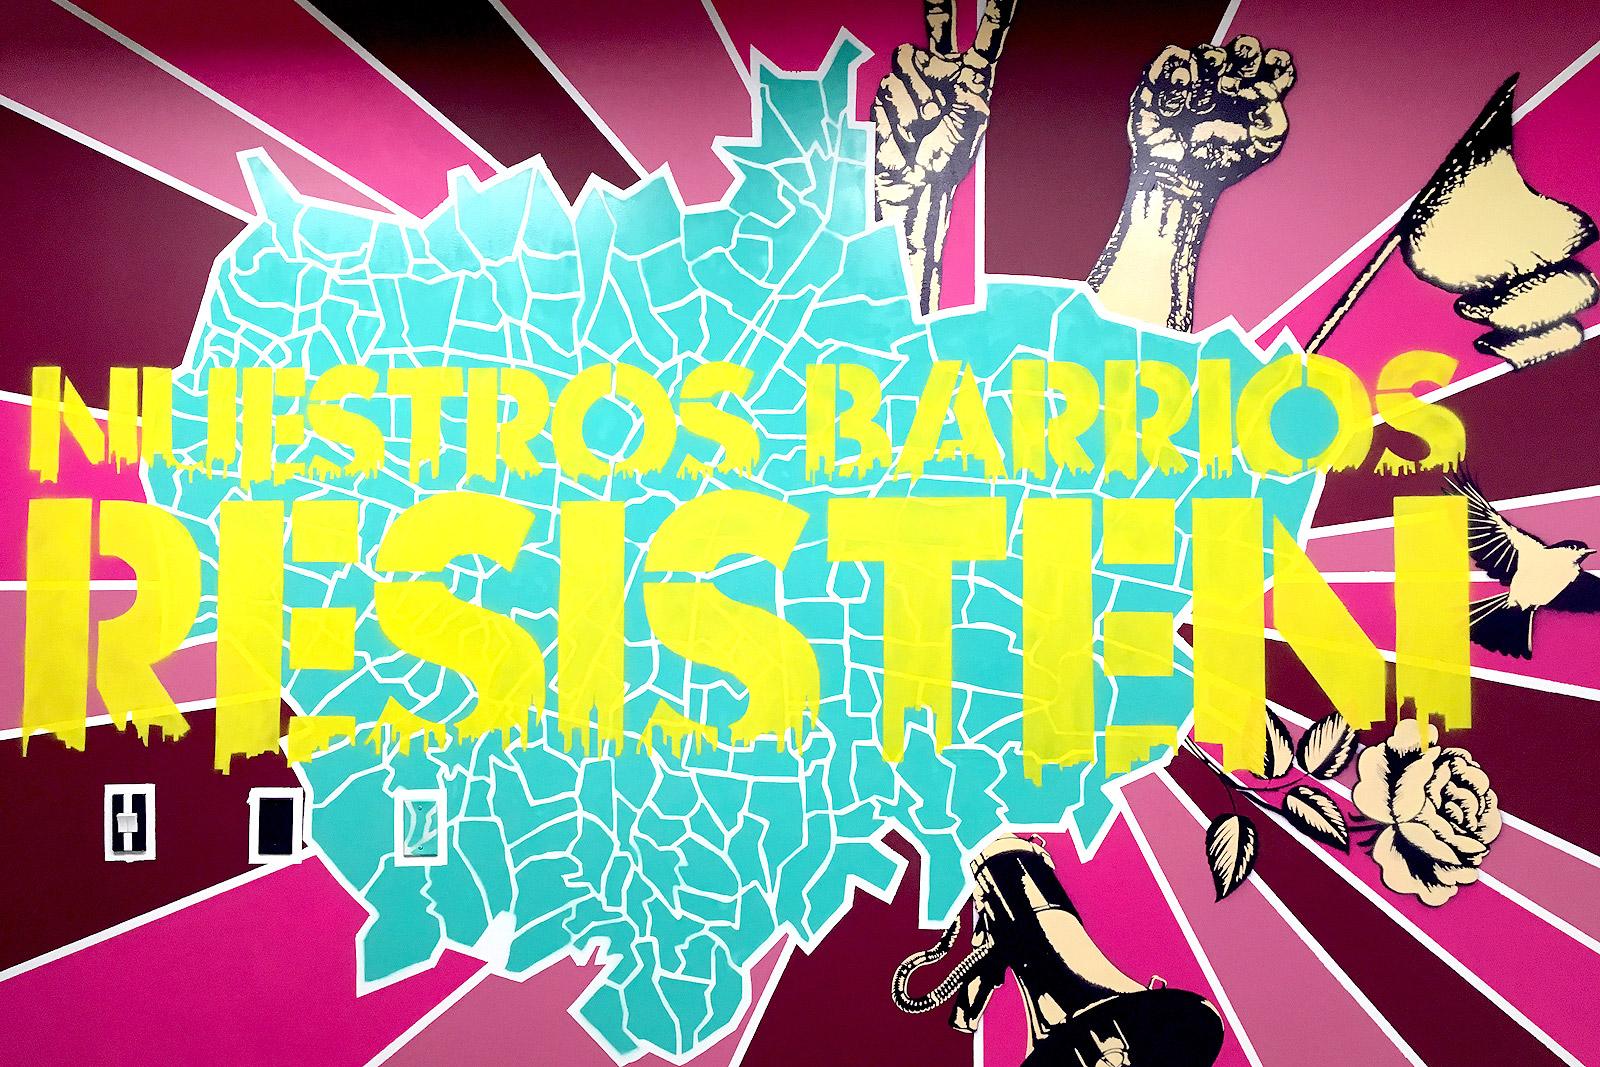 Nuestros barrios resisten